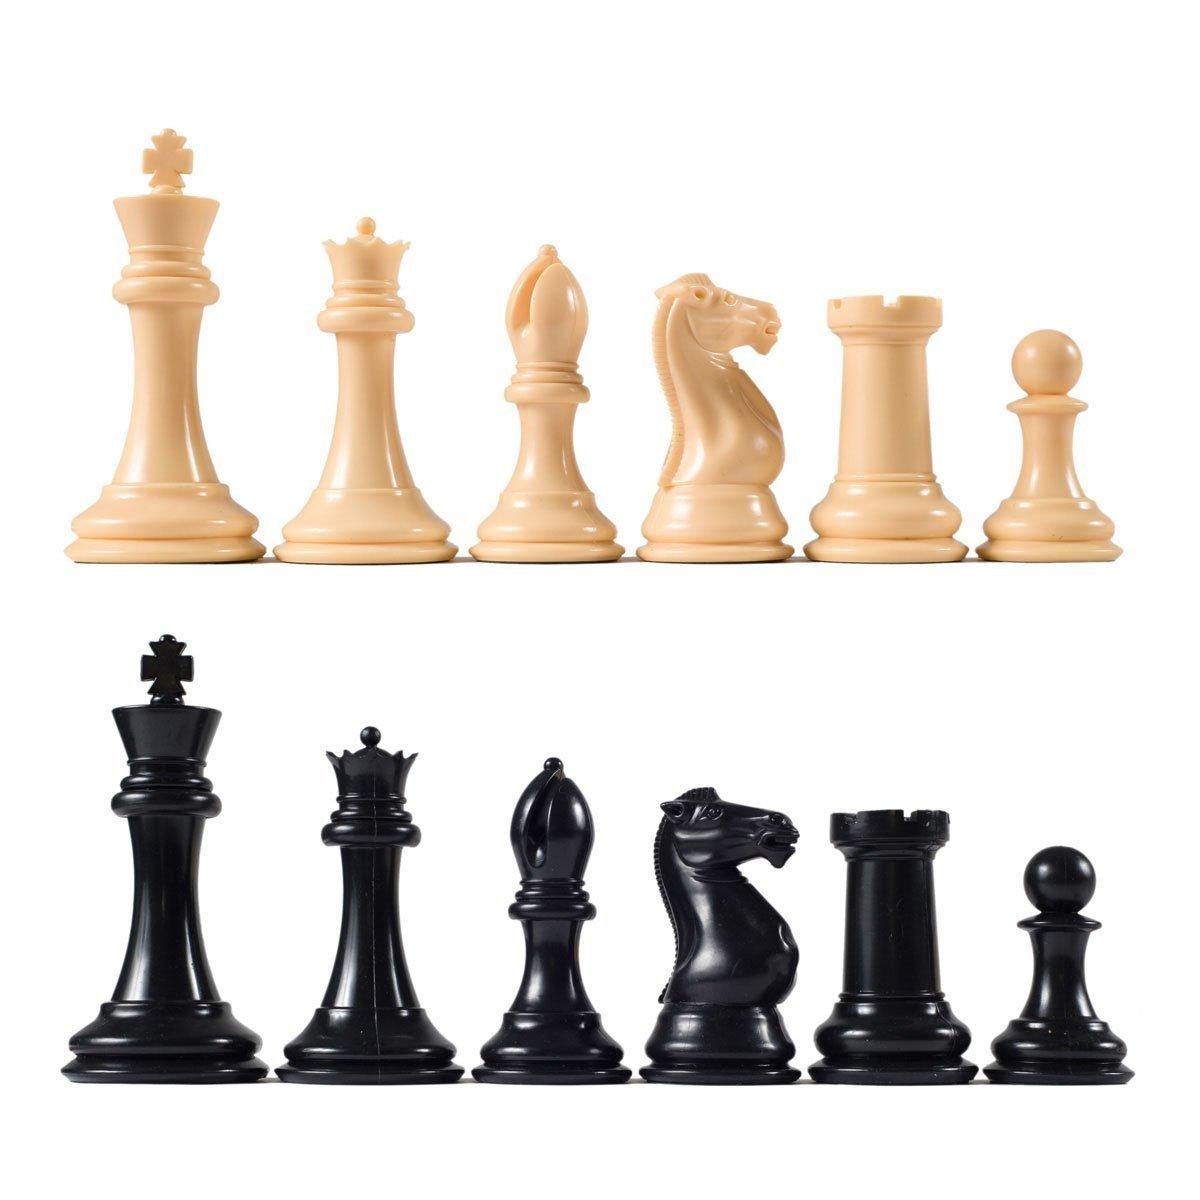 大注目 Premier Tournament - Chess Pieces with 1/8' 4 Premier 1/8' King - Natural and Black [並行輸入品] B017JYTVE0, 諸塚村:0b901831 --- arianechie.dominiotemporario.com